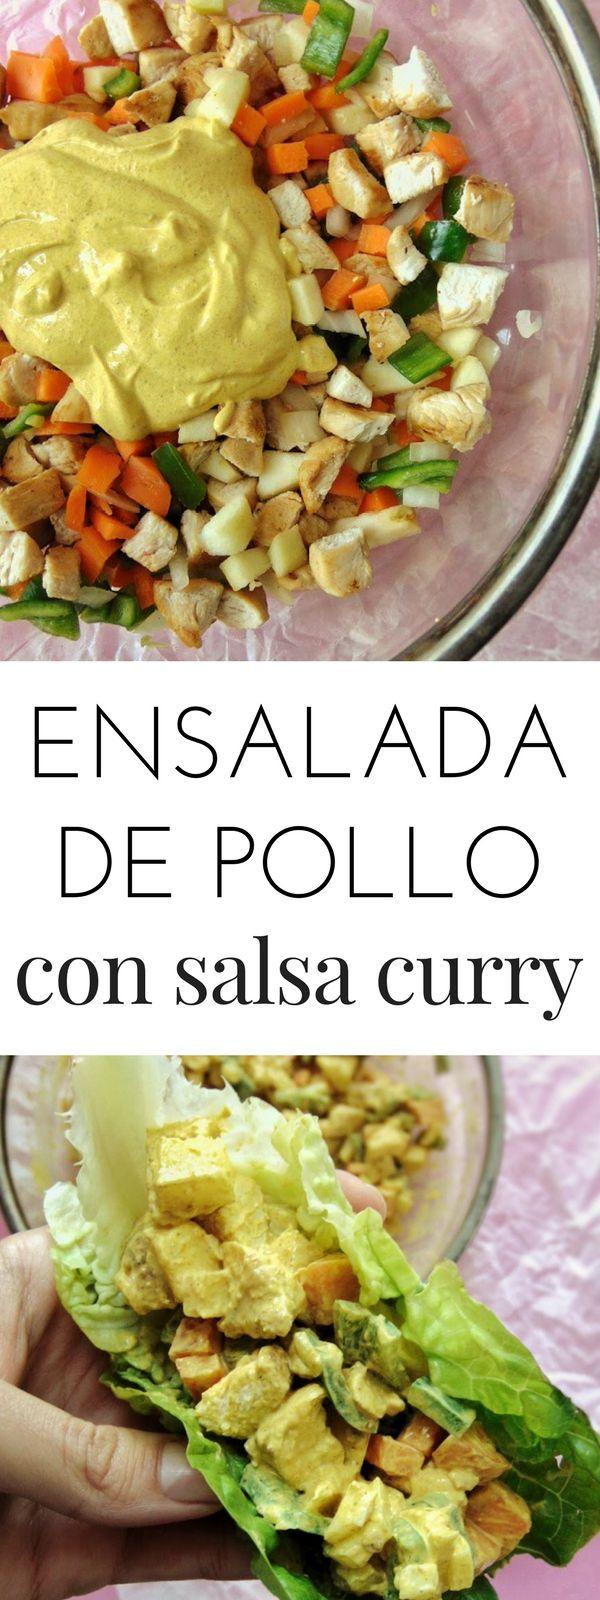 Ensalada de pollo con salsa curry | Salsa curry para ensaladas | Tasty details